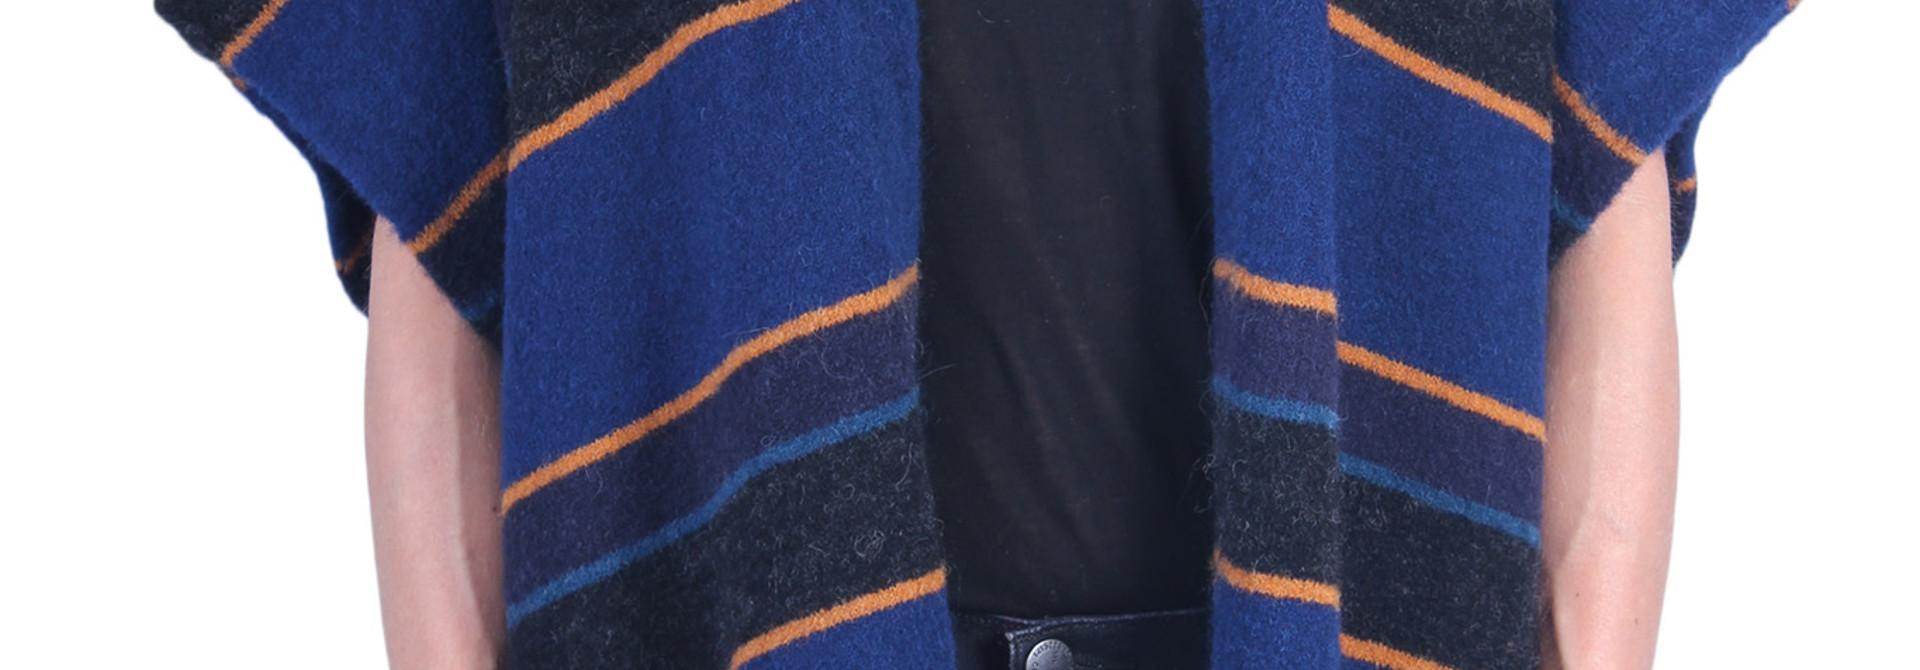 Vest CLOSED